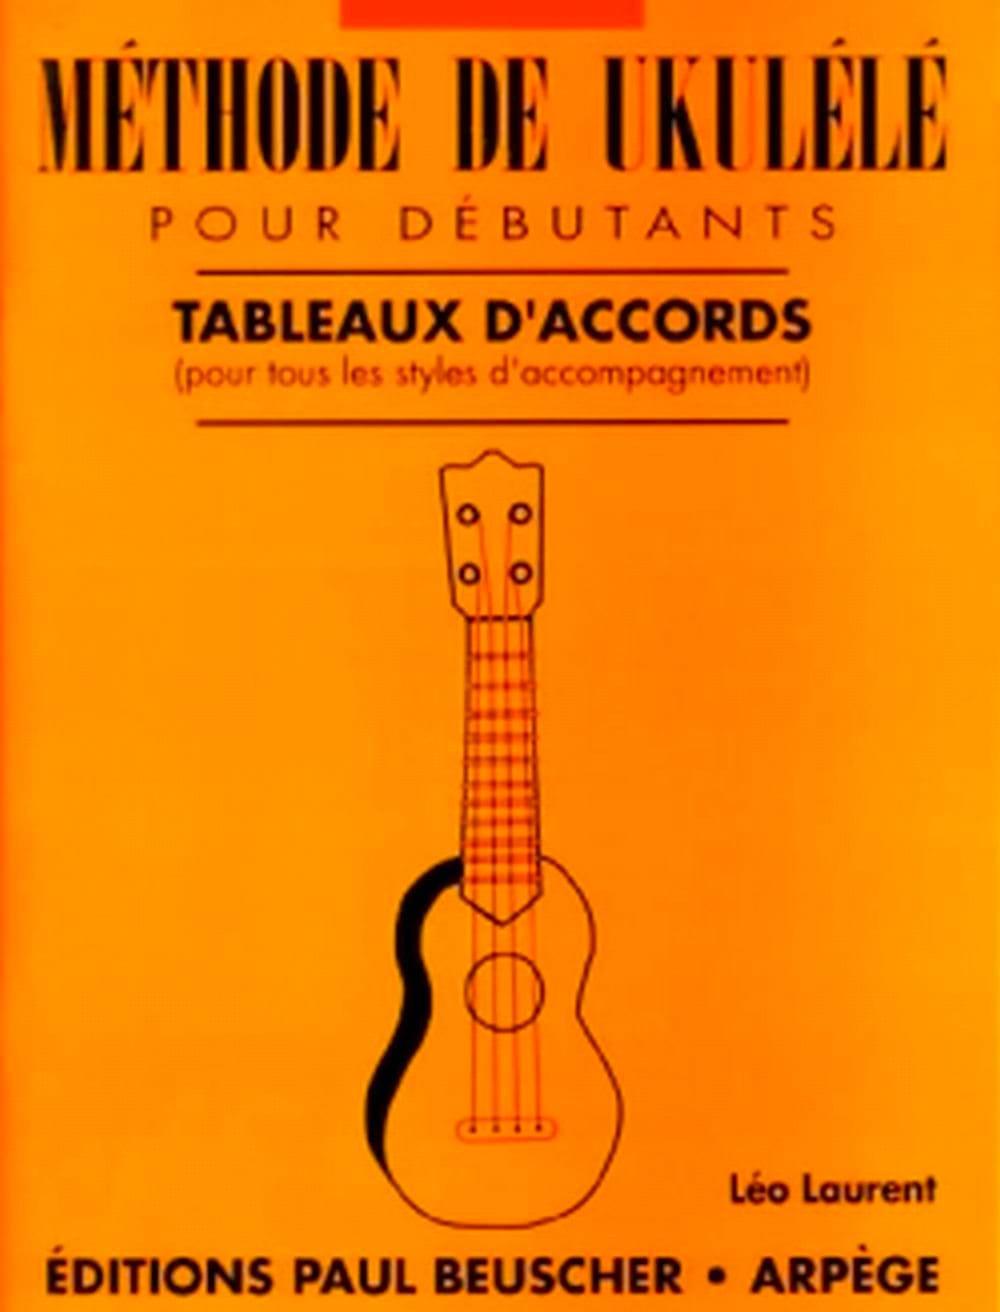 Méthode de ukulélé tableaux d'accords - Léo Laurent - laflutedepan.com